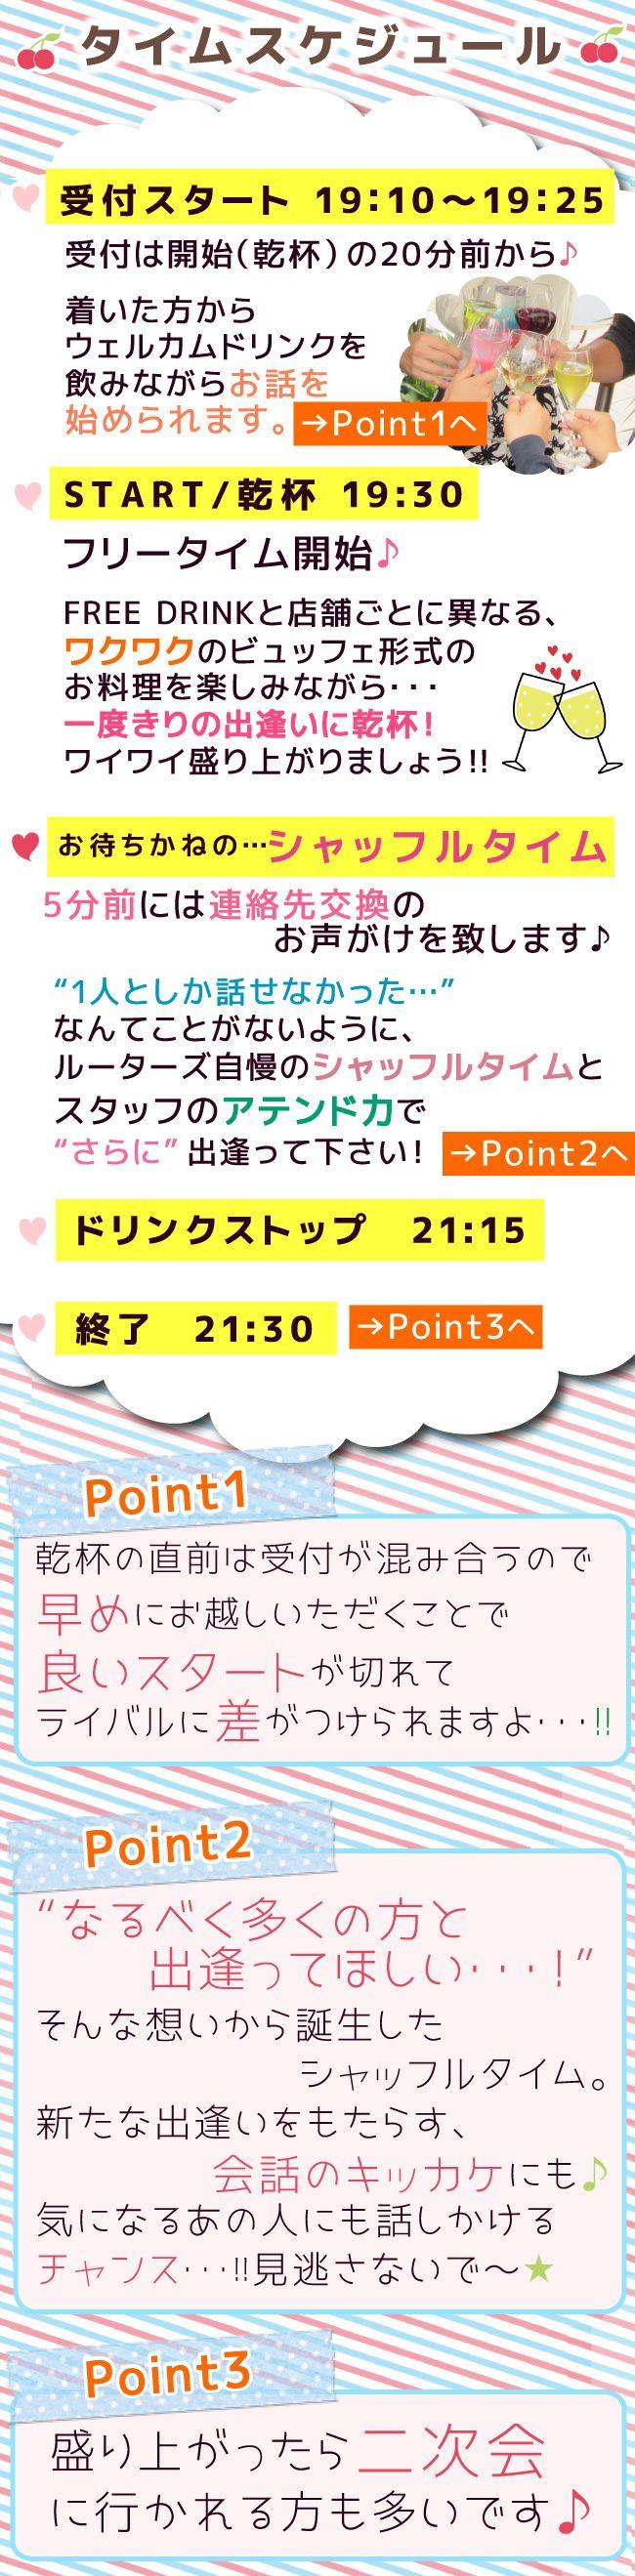 ★青山1910受付